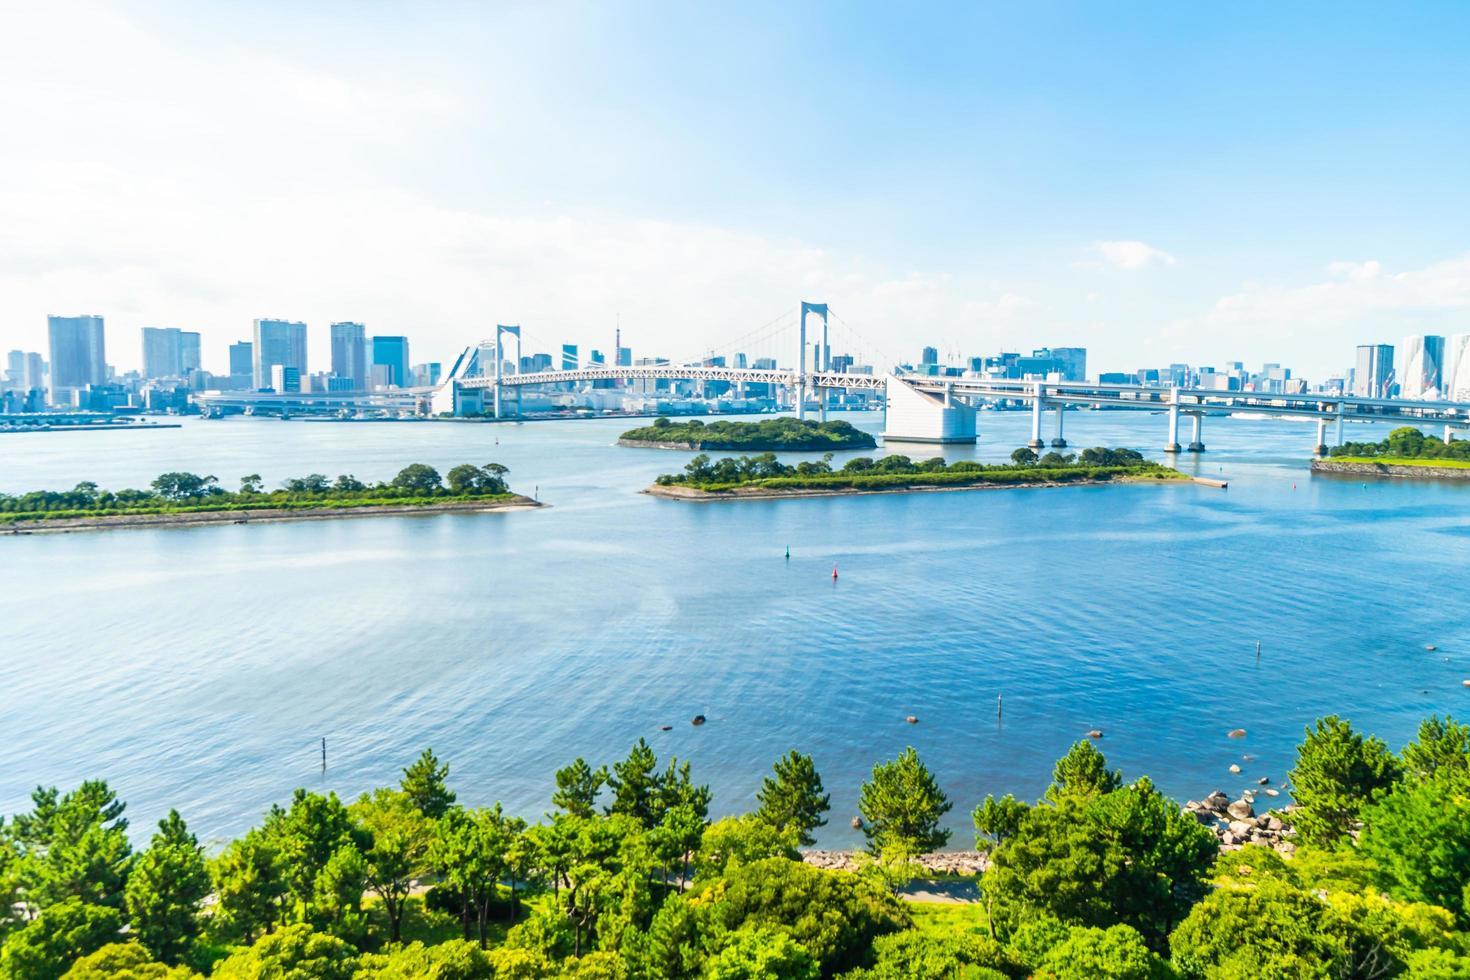 Stadtbild der Tokio-Stadt mit der Regenbogenbrücke foto